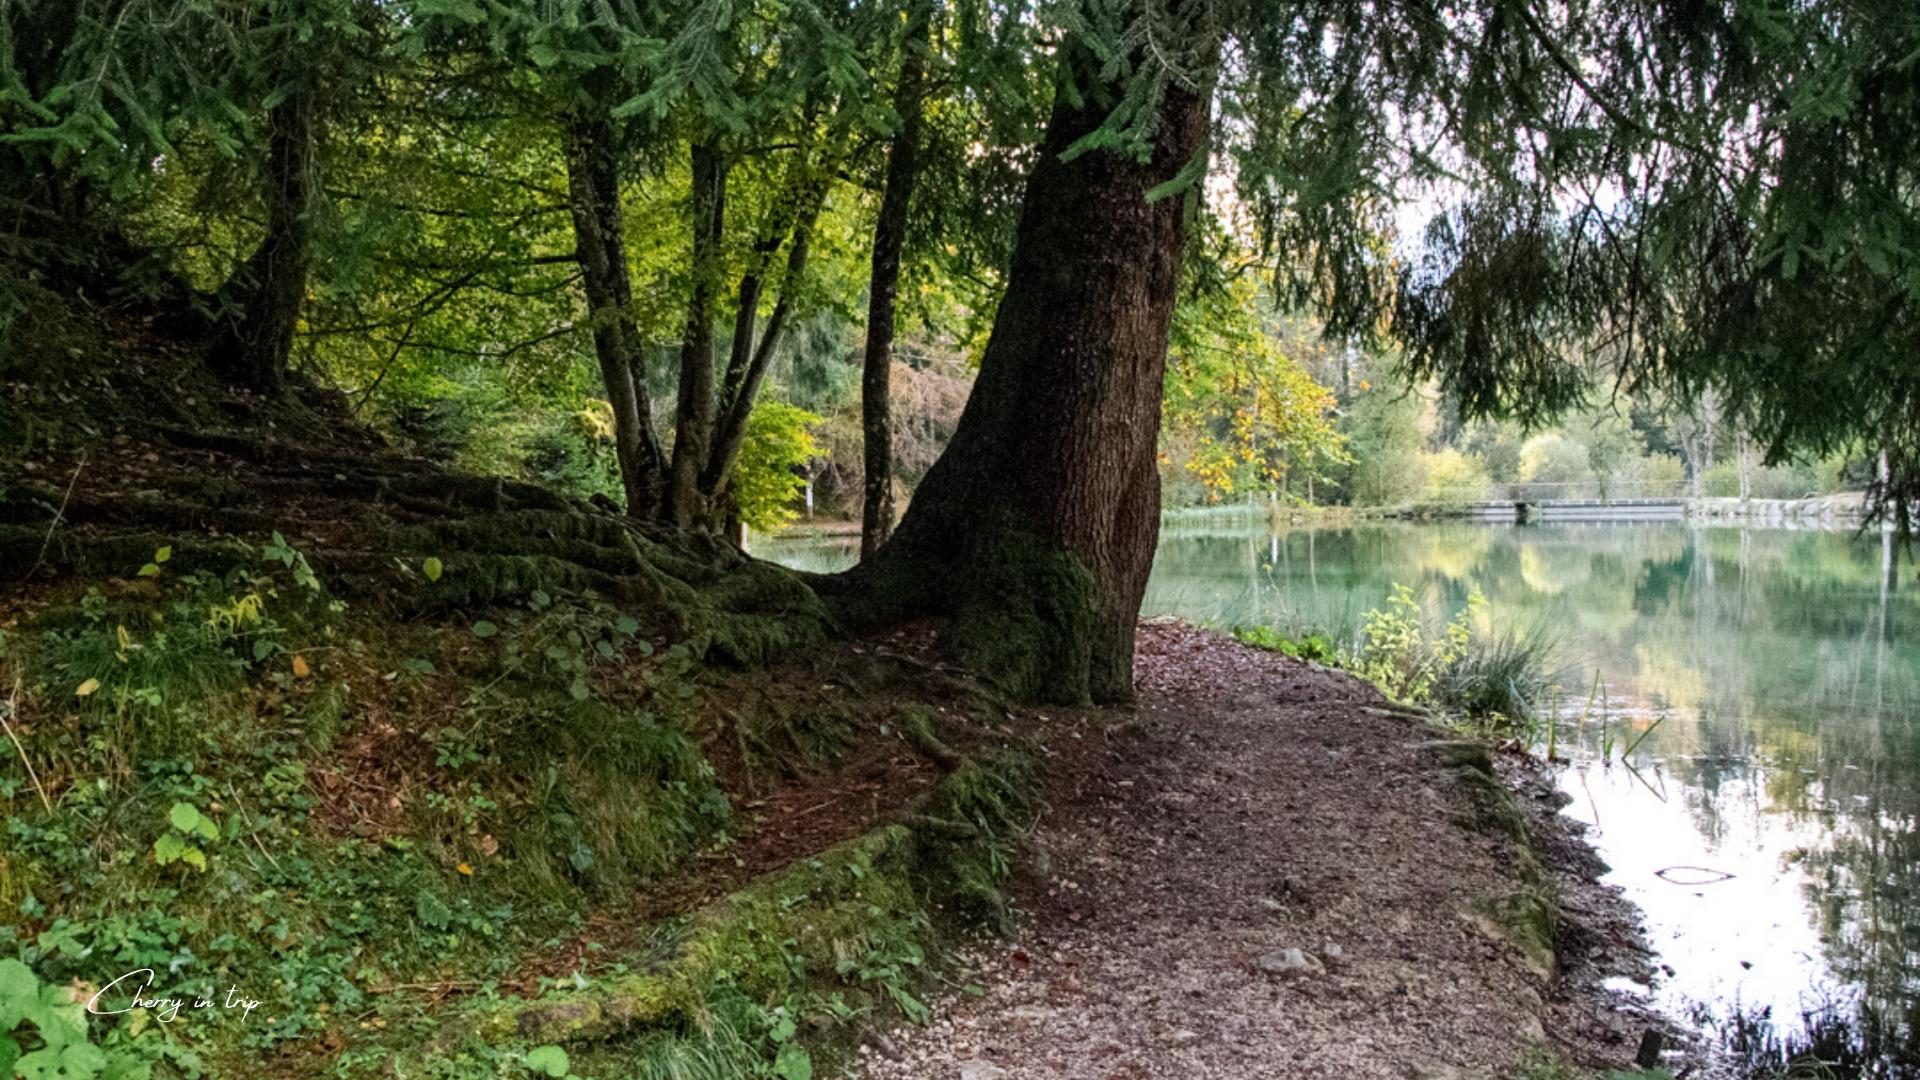 Percorso intorno al Lago Welsperg